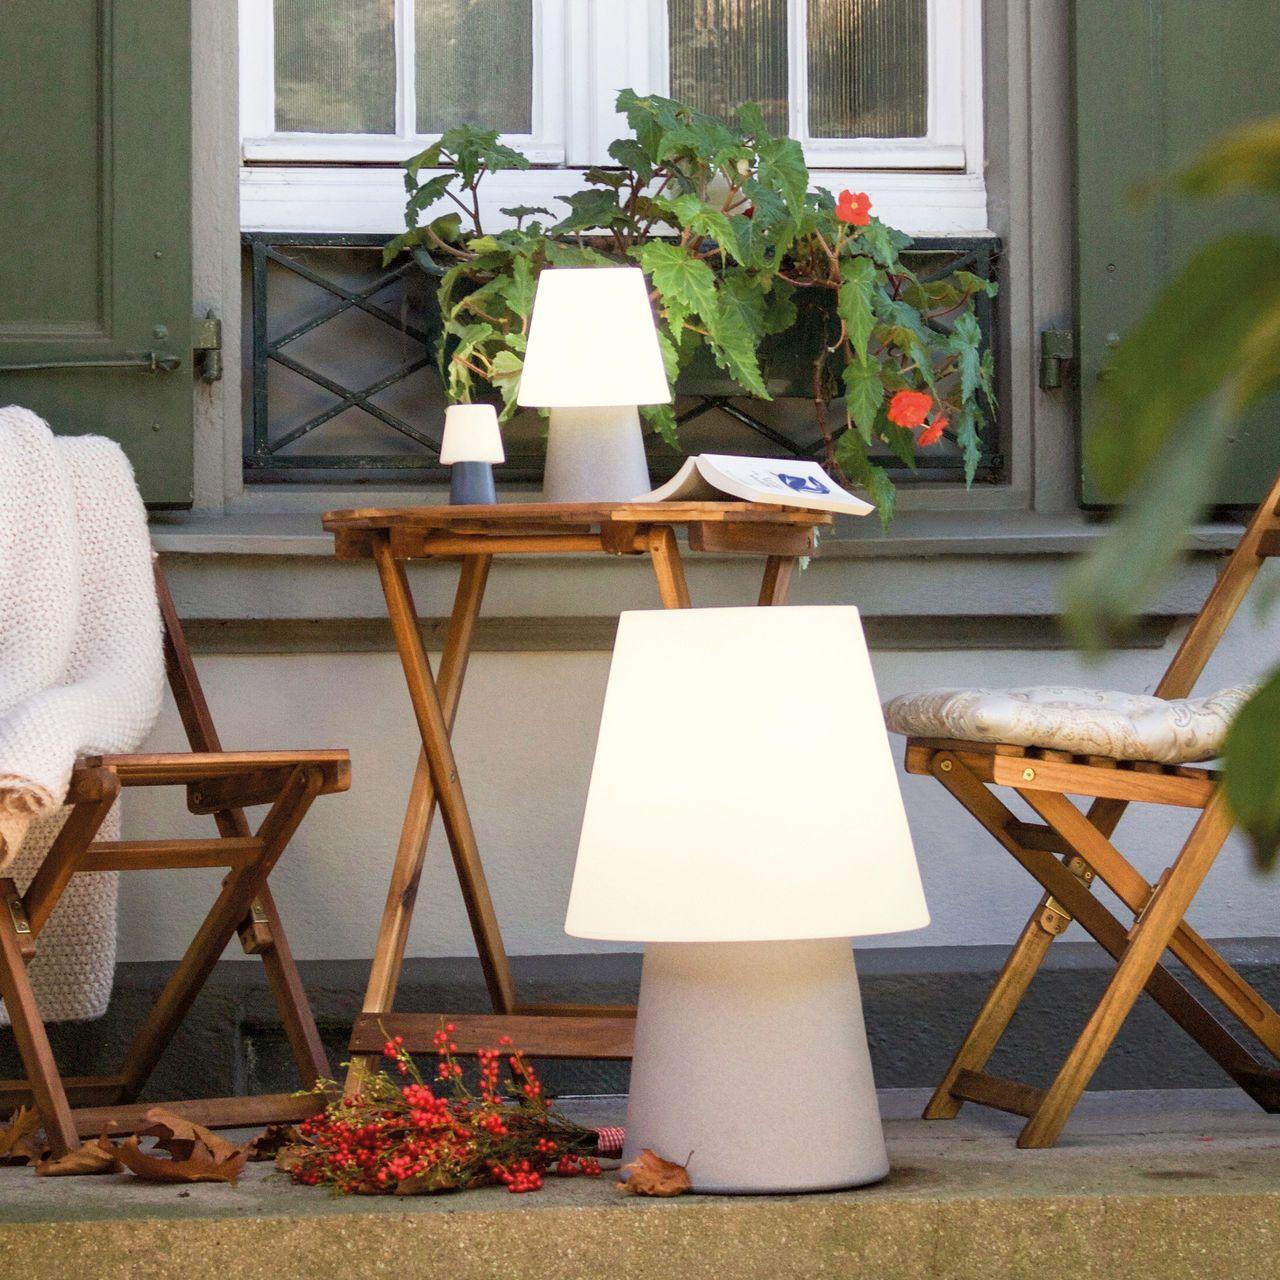 Terrassen Sitzecke gemütliche sitzecke auf der terrasse mit gemütlicher beleuchtung